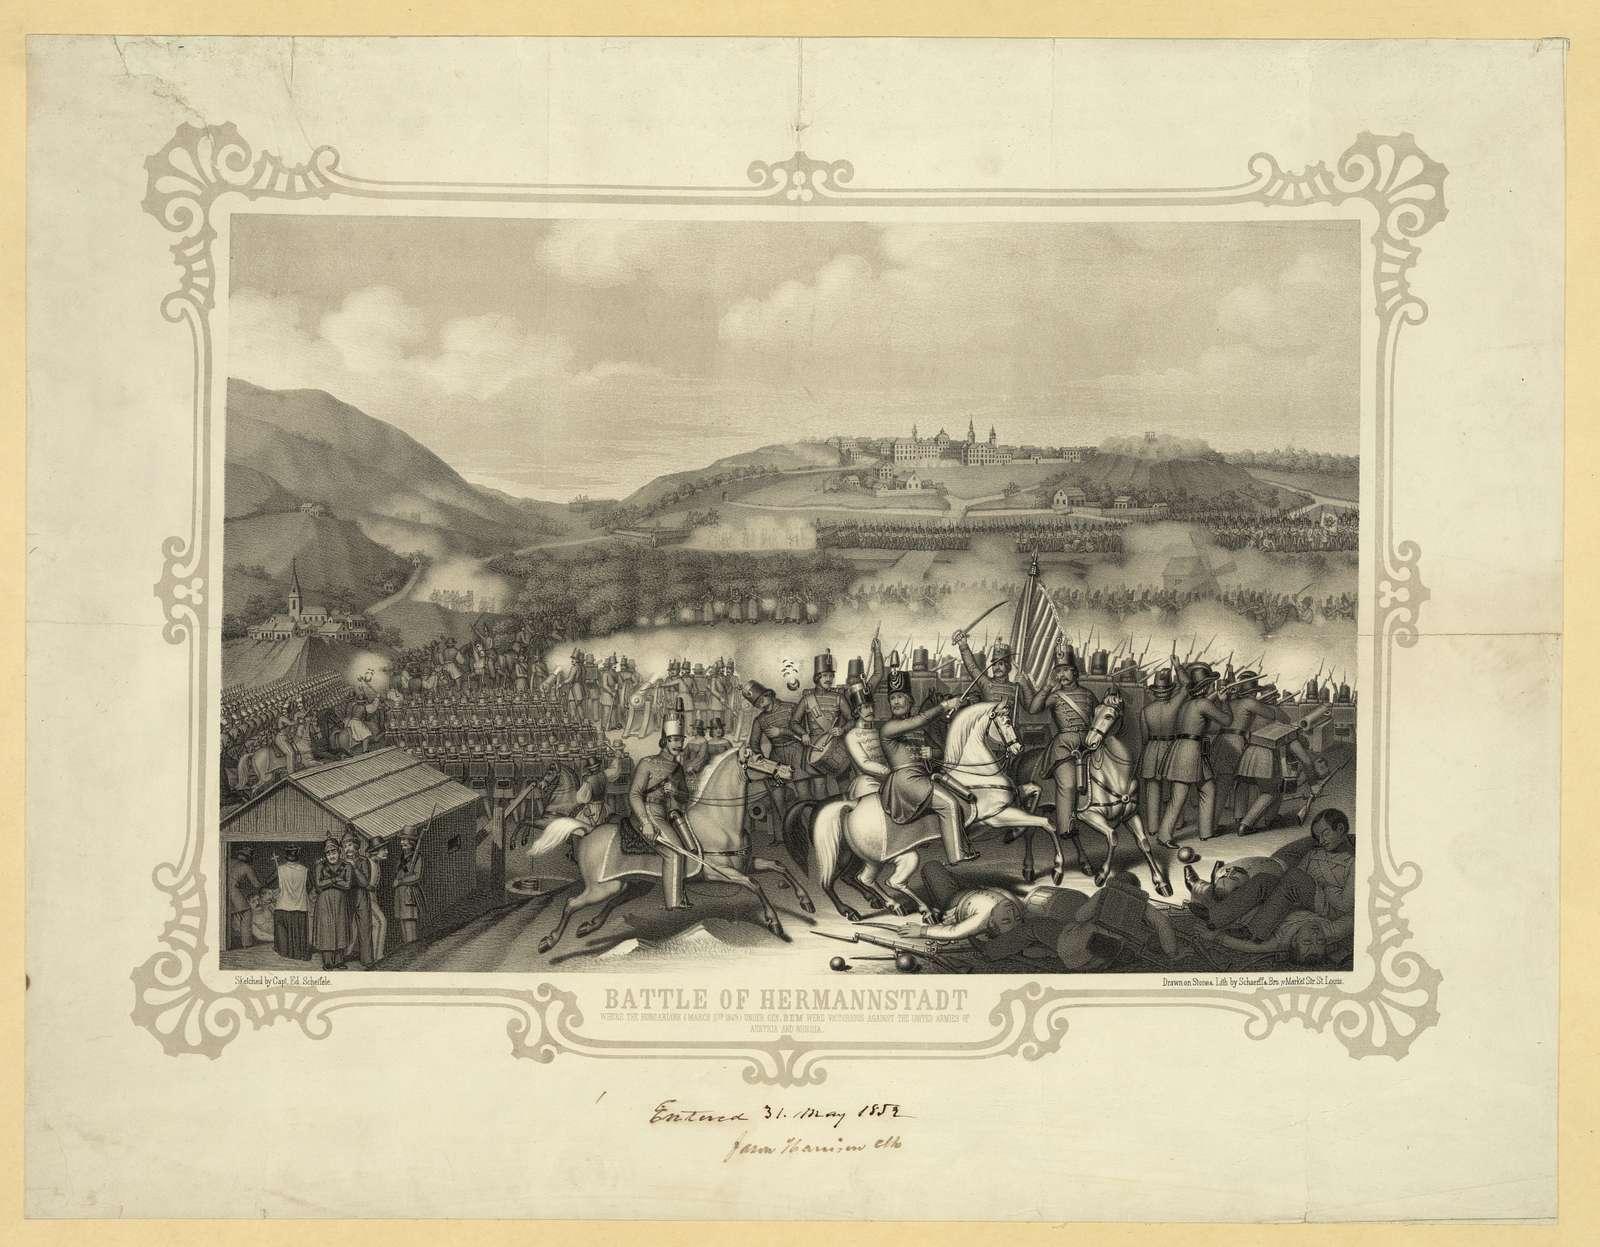 Battle of Hermannstadt / sketched by Capt. Ed. Scheifele ; drawn on stone & lith by Schaerff & Bro. 71 Market Str. St. Louis.